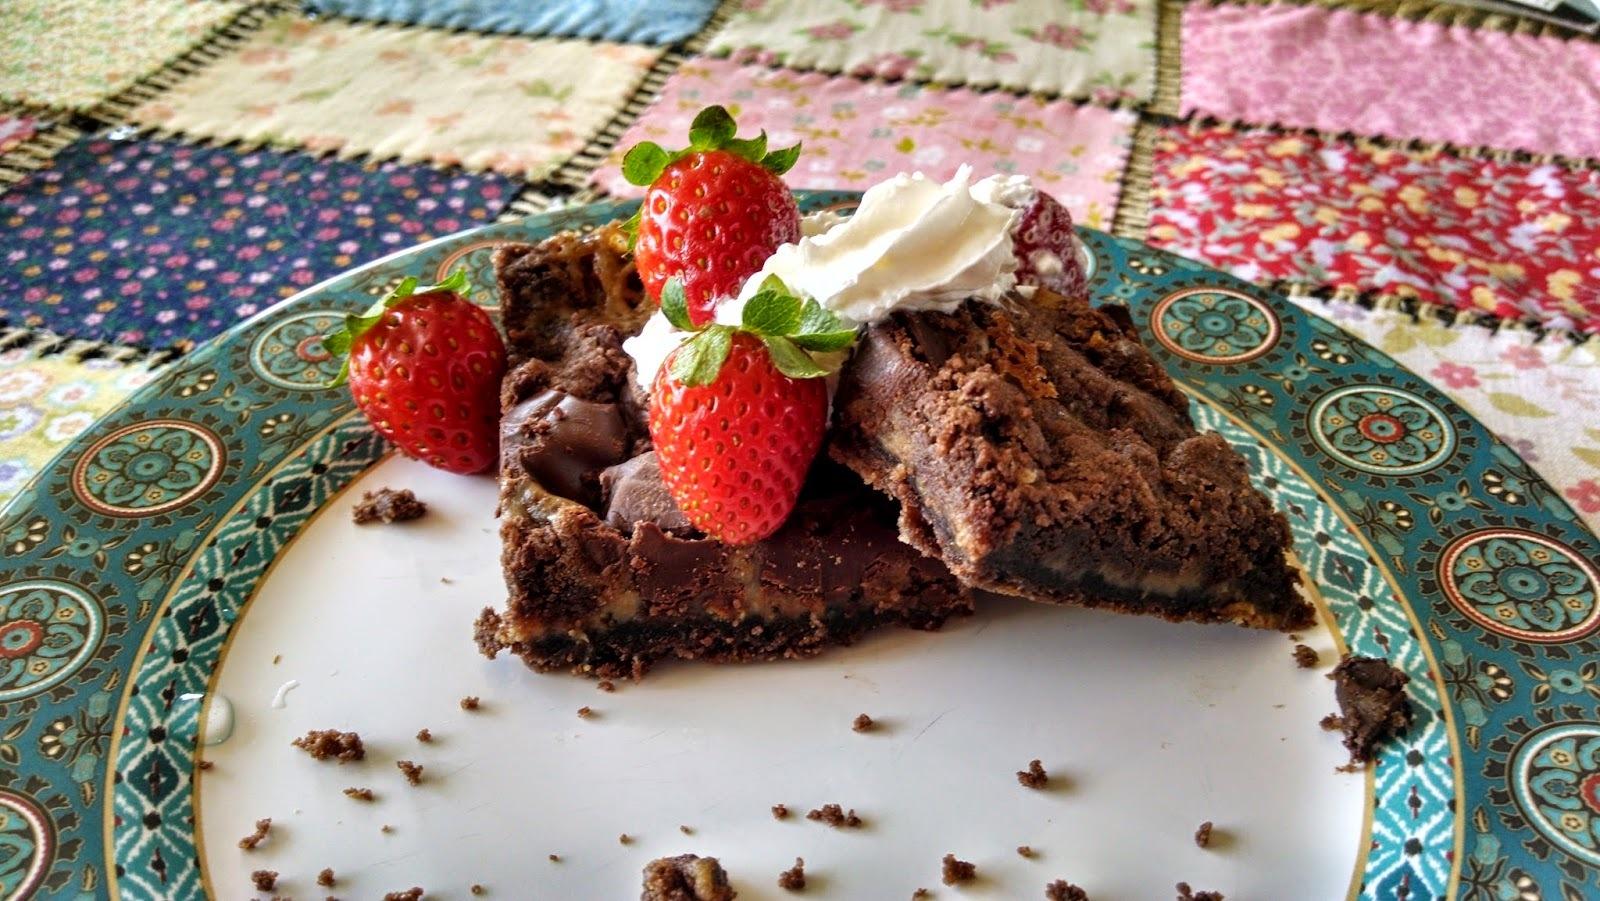 Brownie Recheado com recheio de caramelo